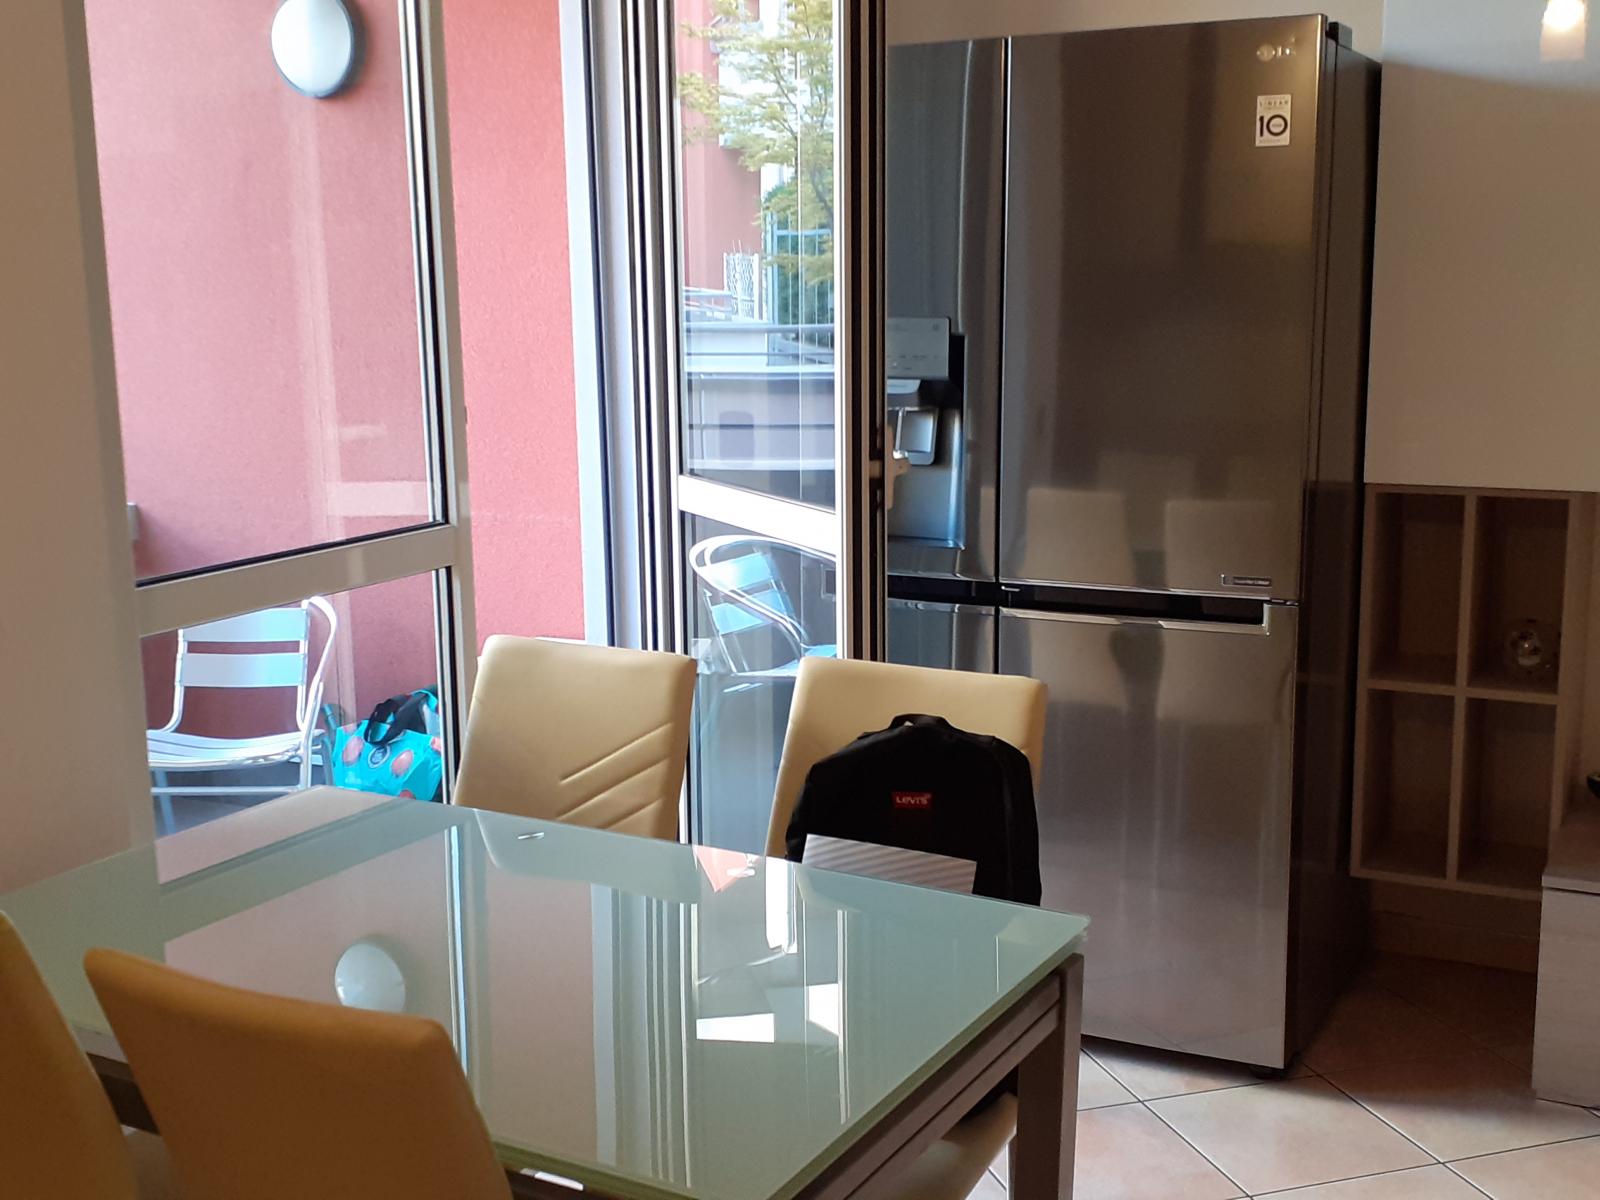 appartamento-in-vendita-a-trezzano-sul-naviglio-milano-2-locali-spaziourbano-immobiliare-vende-5